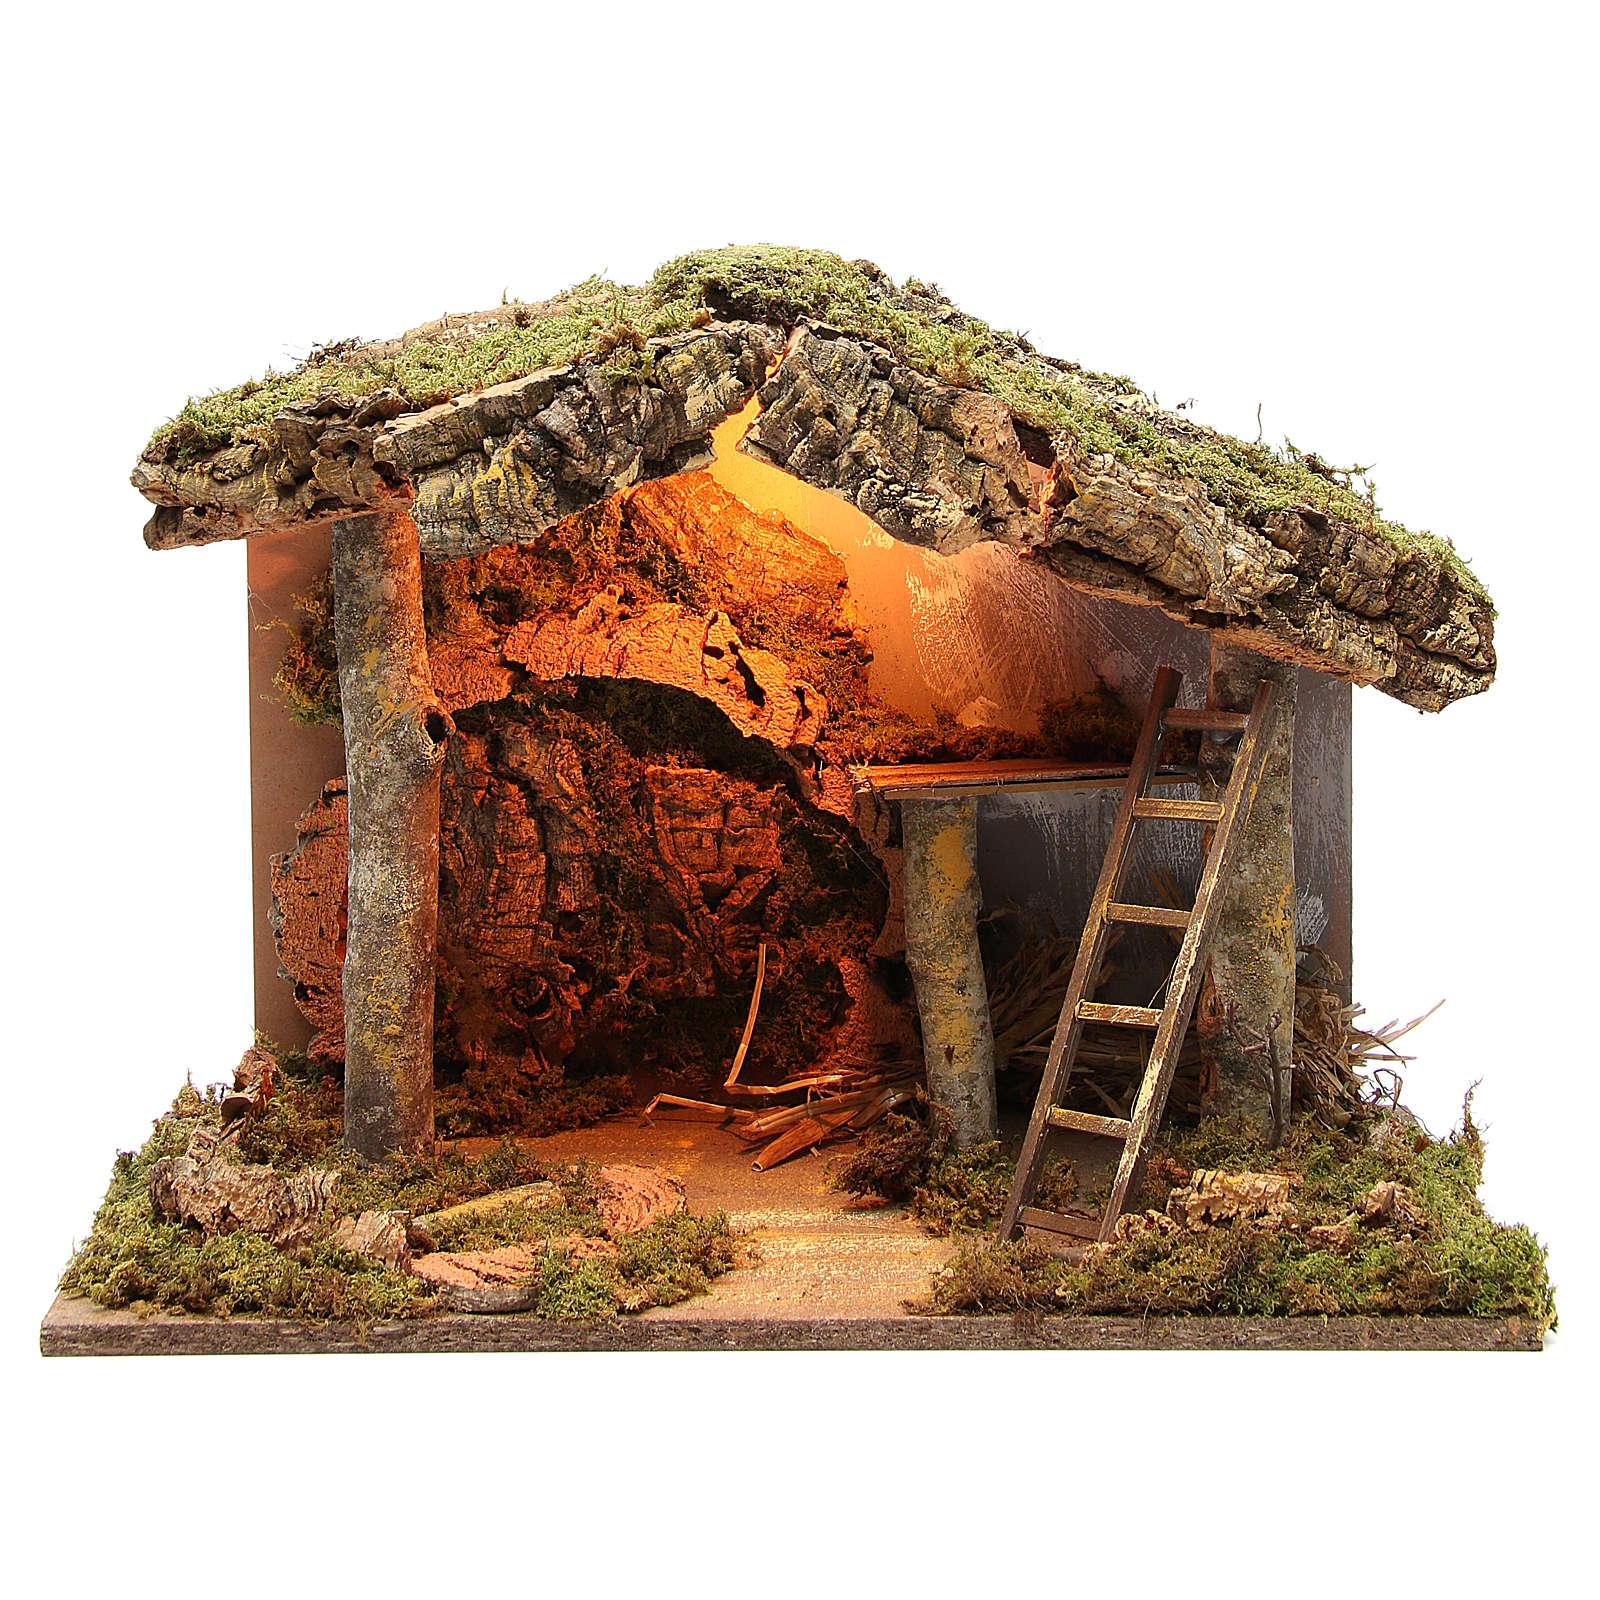 Cabane crèche illuminée avec escalier 36x50x26 cm 4